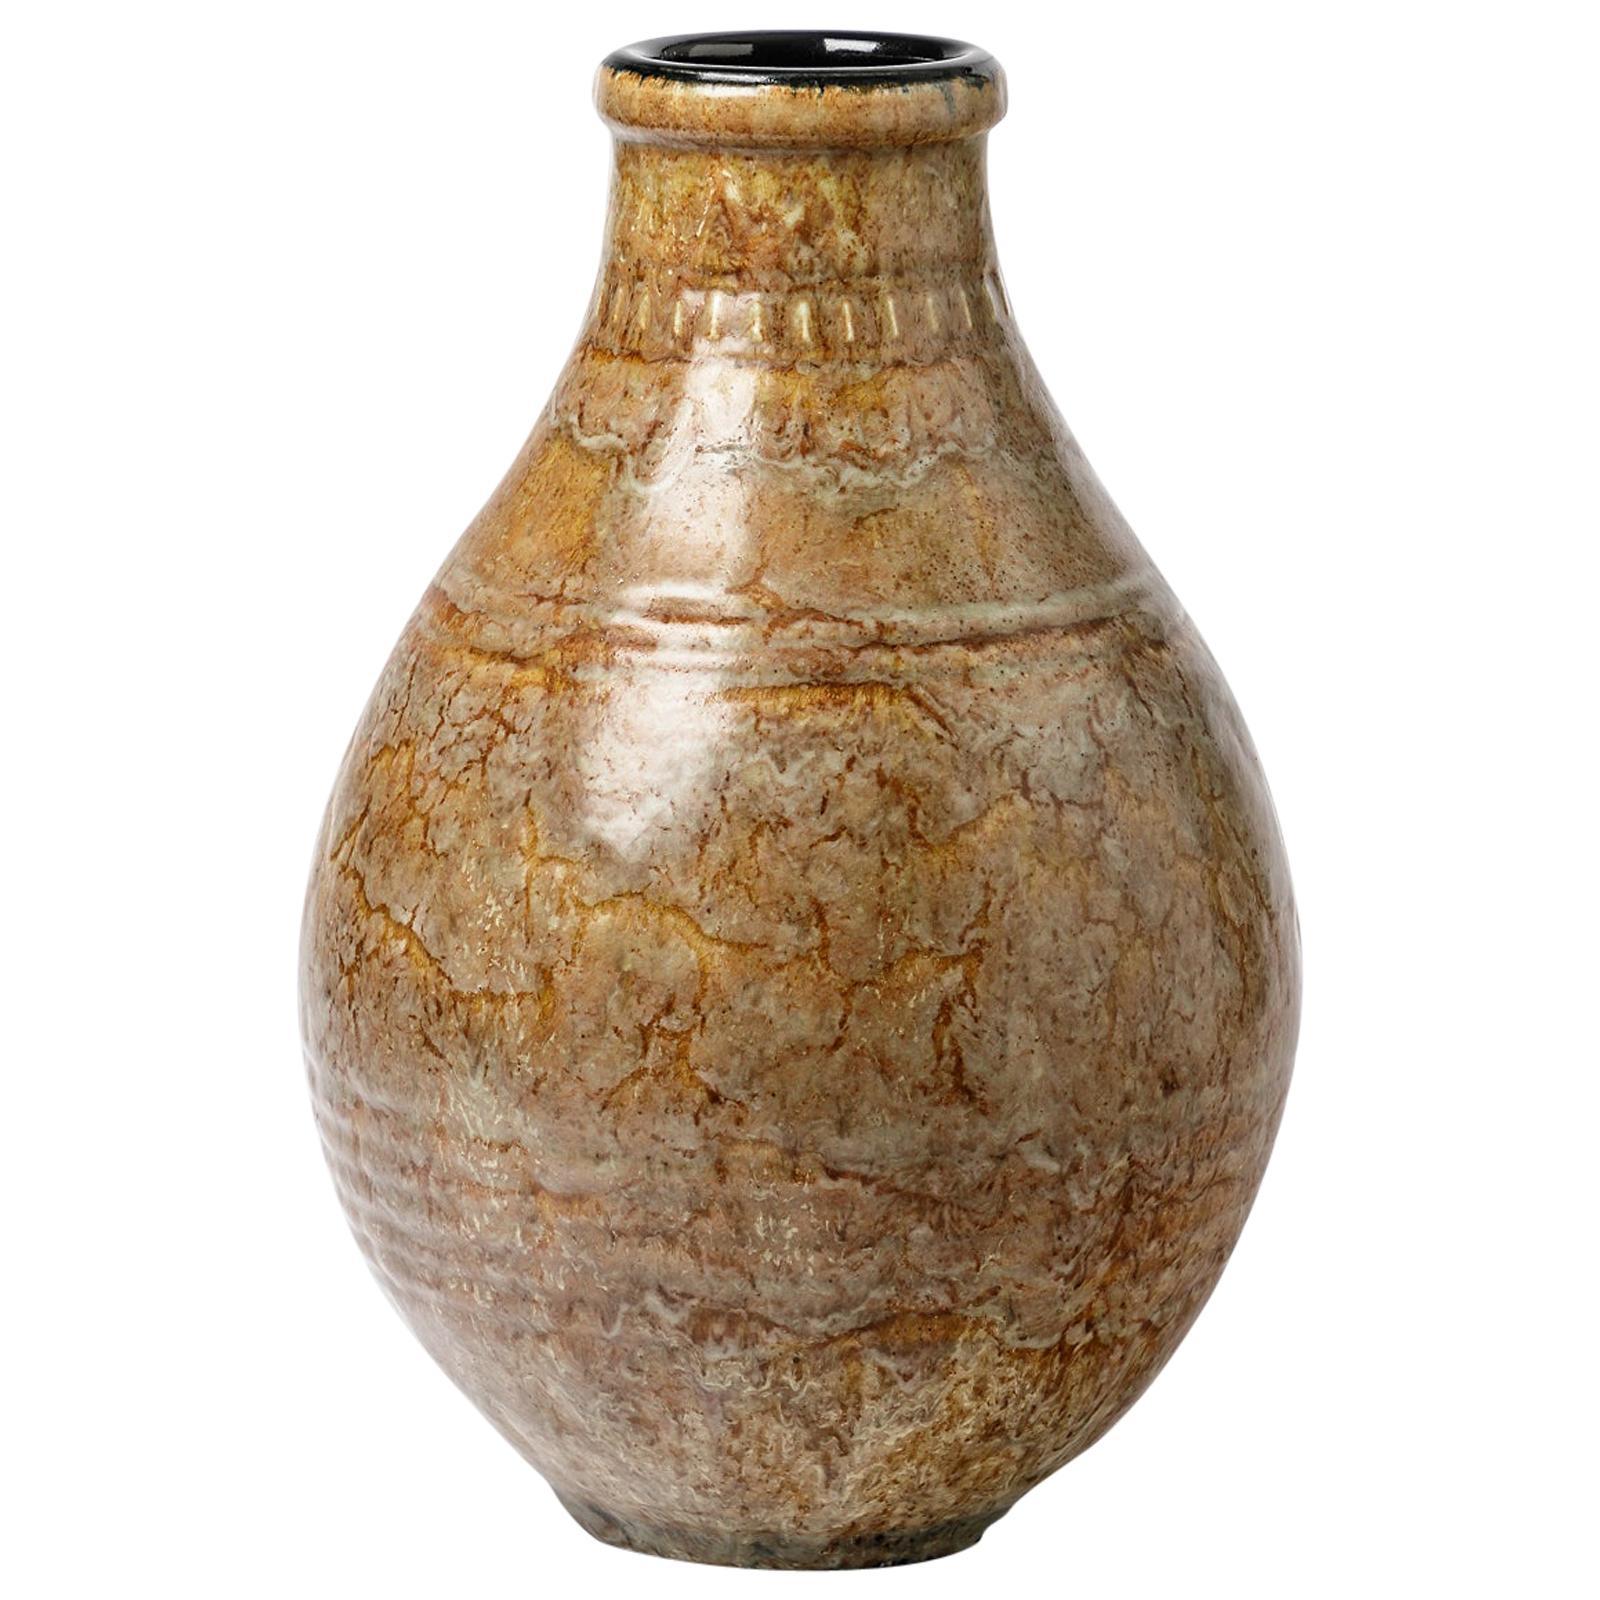 Exceptional Ceramic Vase by Émile Decoeur, circa 1927